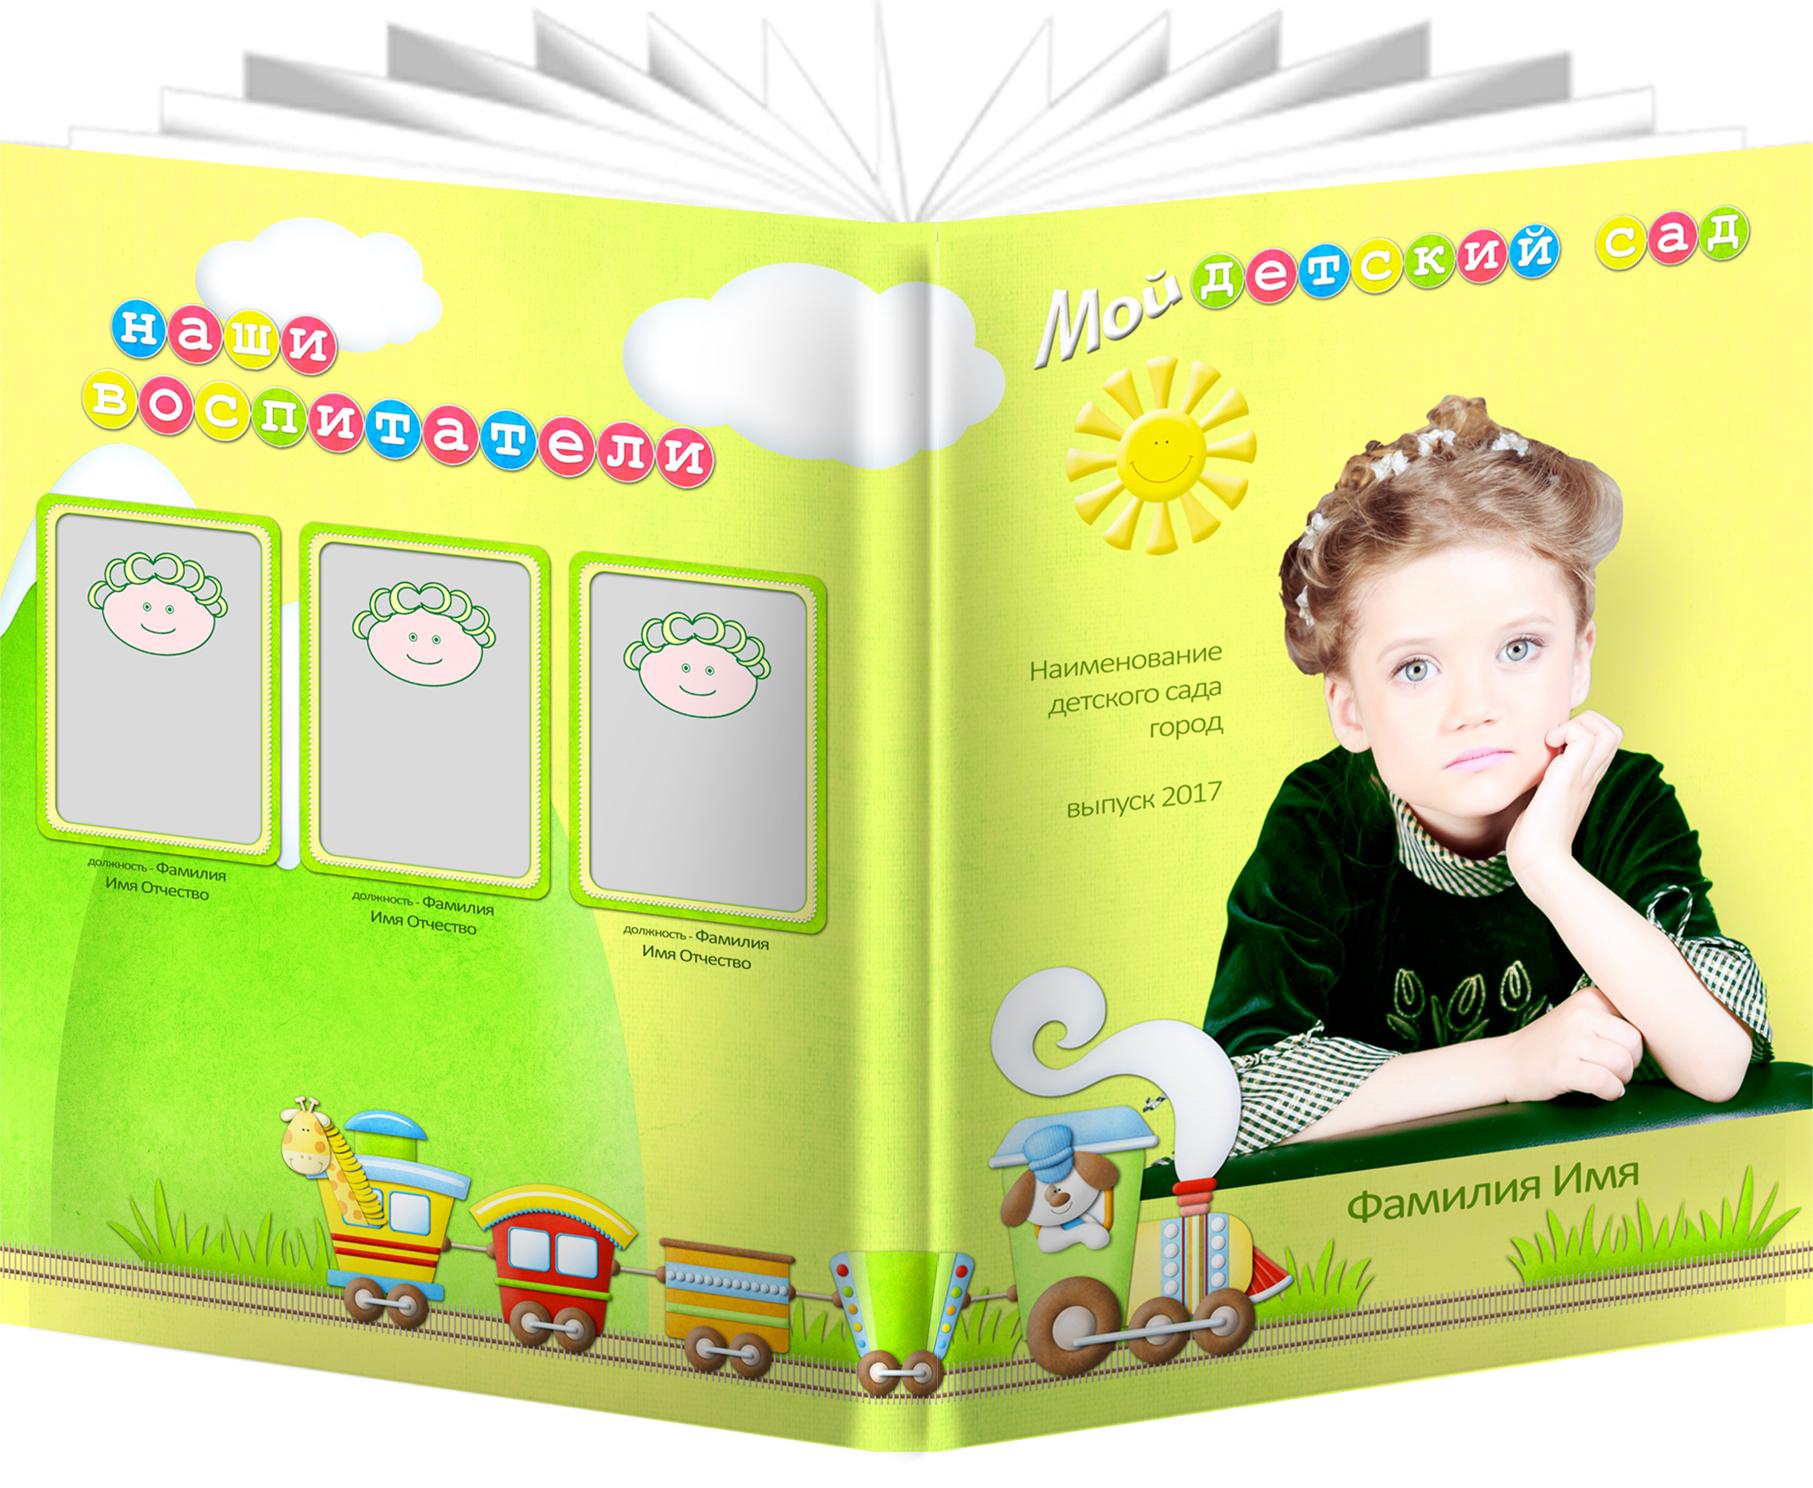 Комплект шаблонов выпускного альбома для детского сада